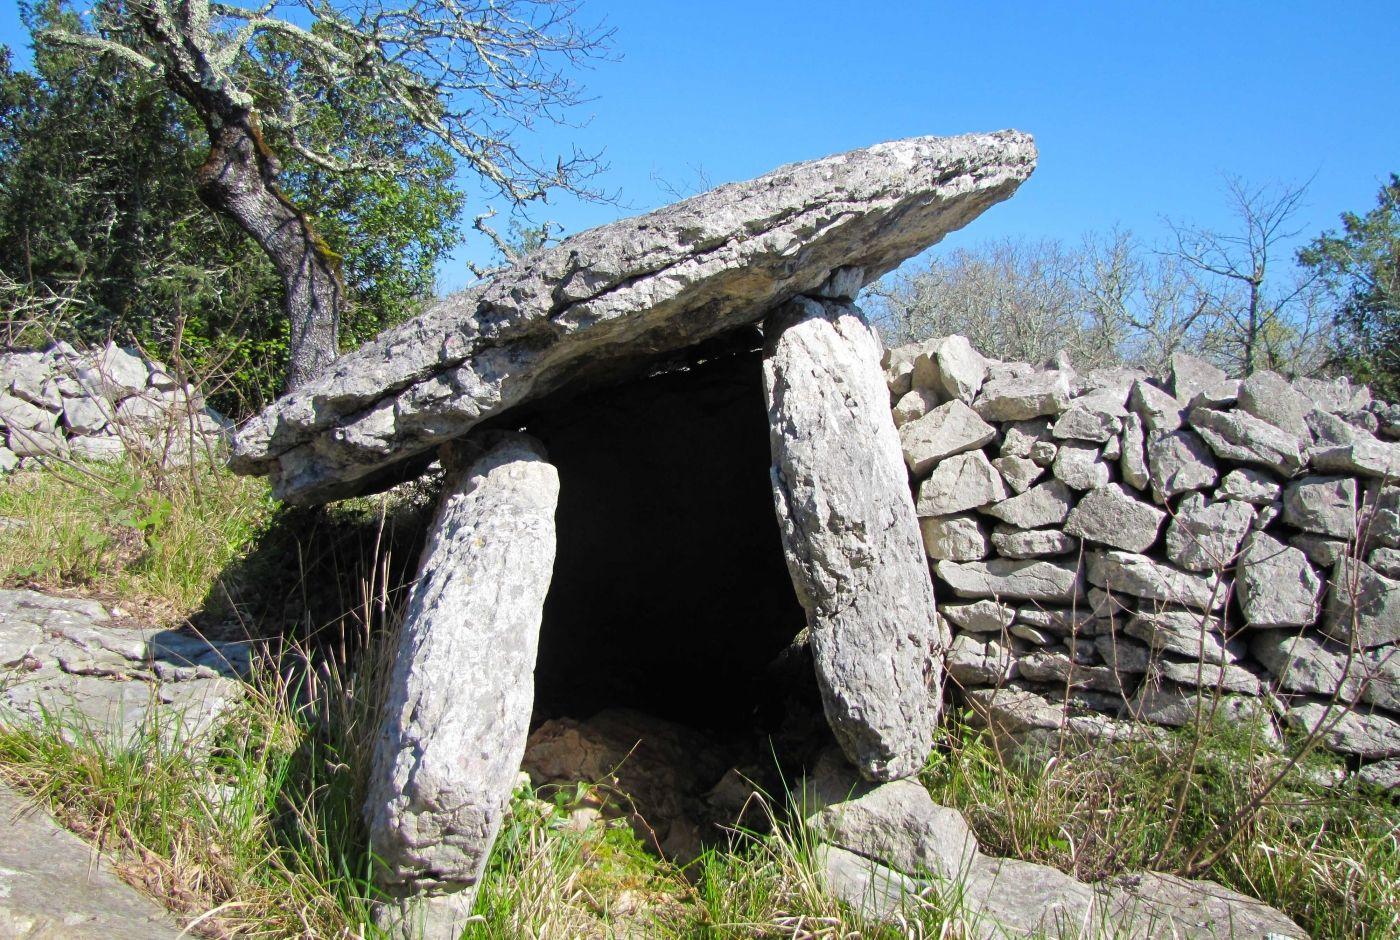 dolmen_randonnees_ardeche_cite_prehistoire_aven_orgnac.jpg